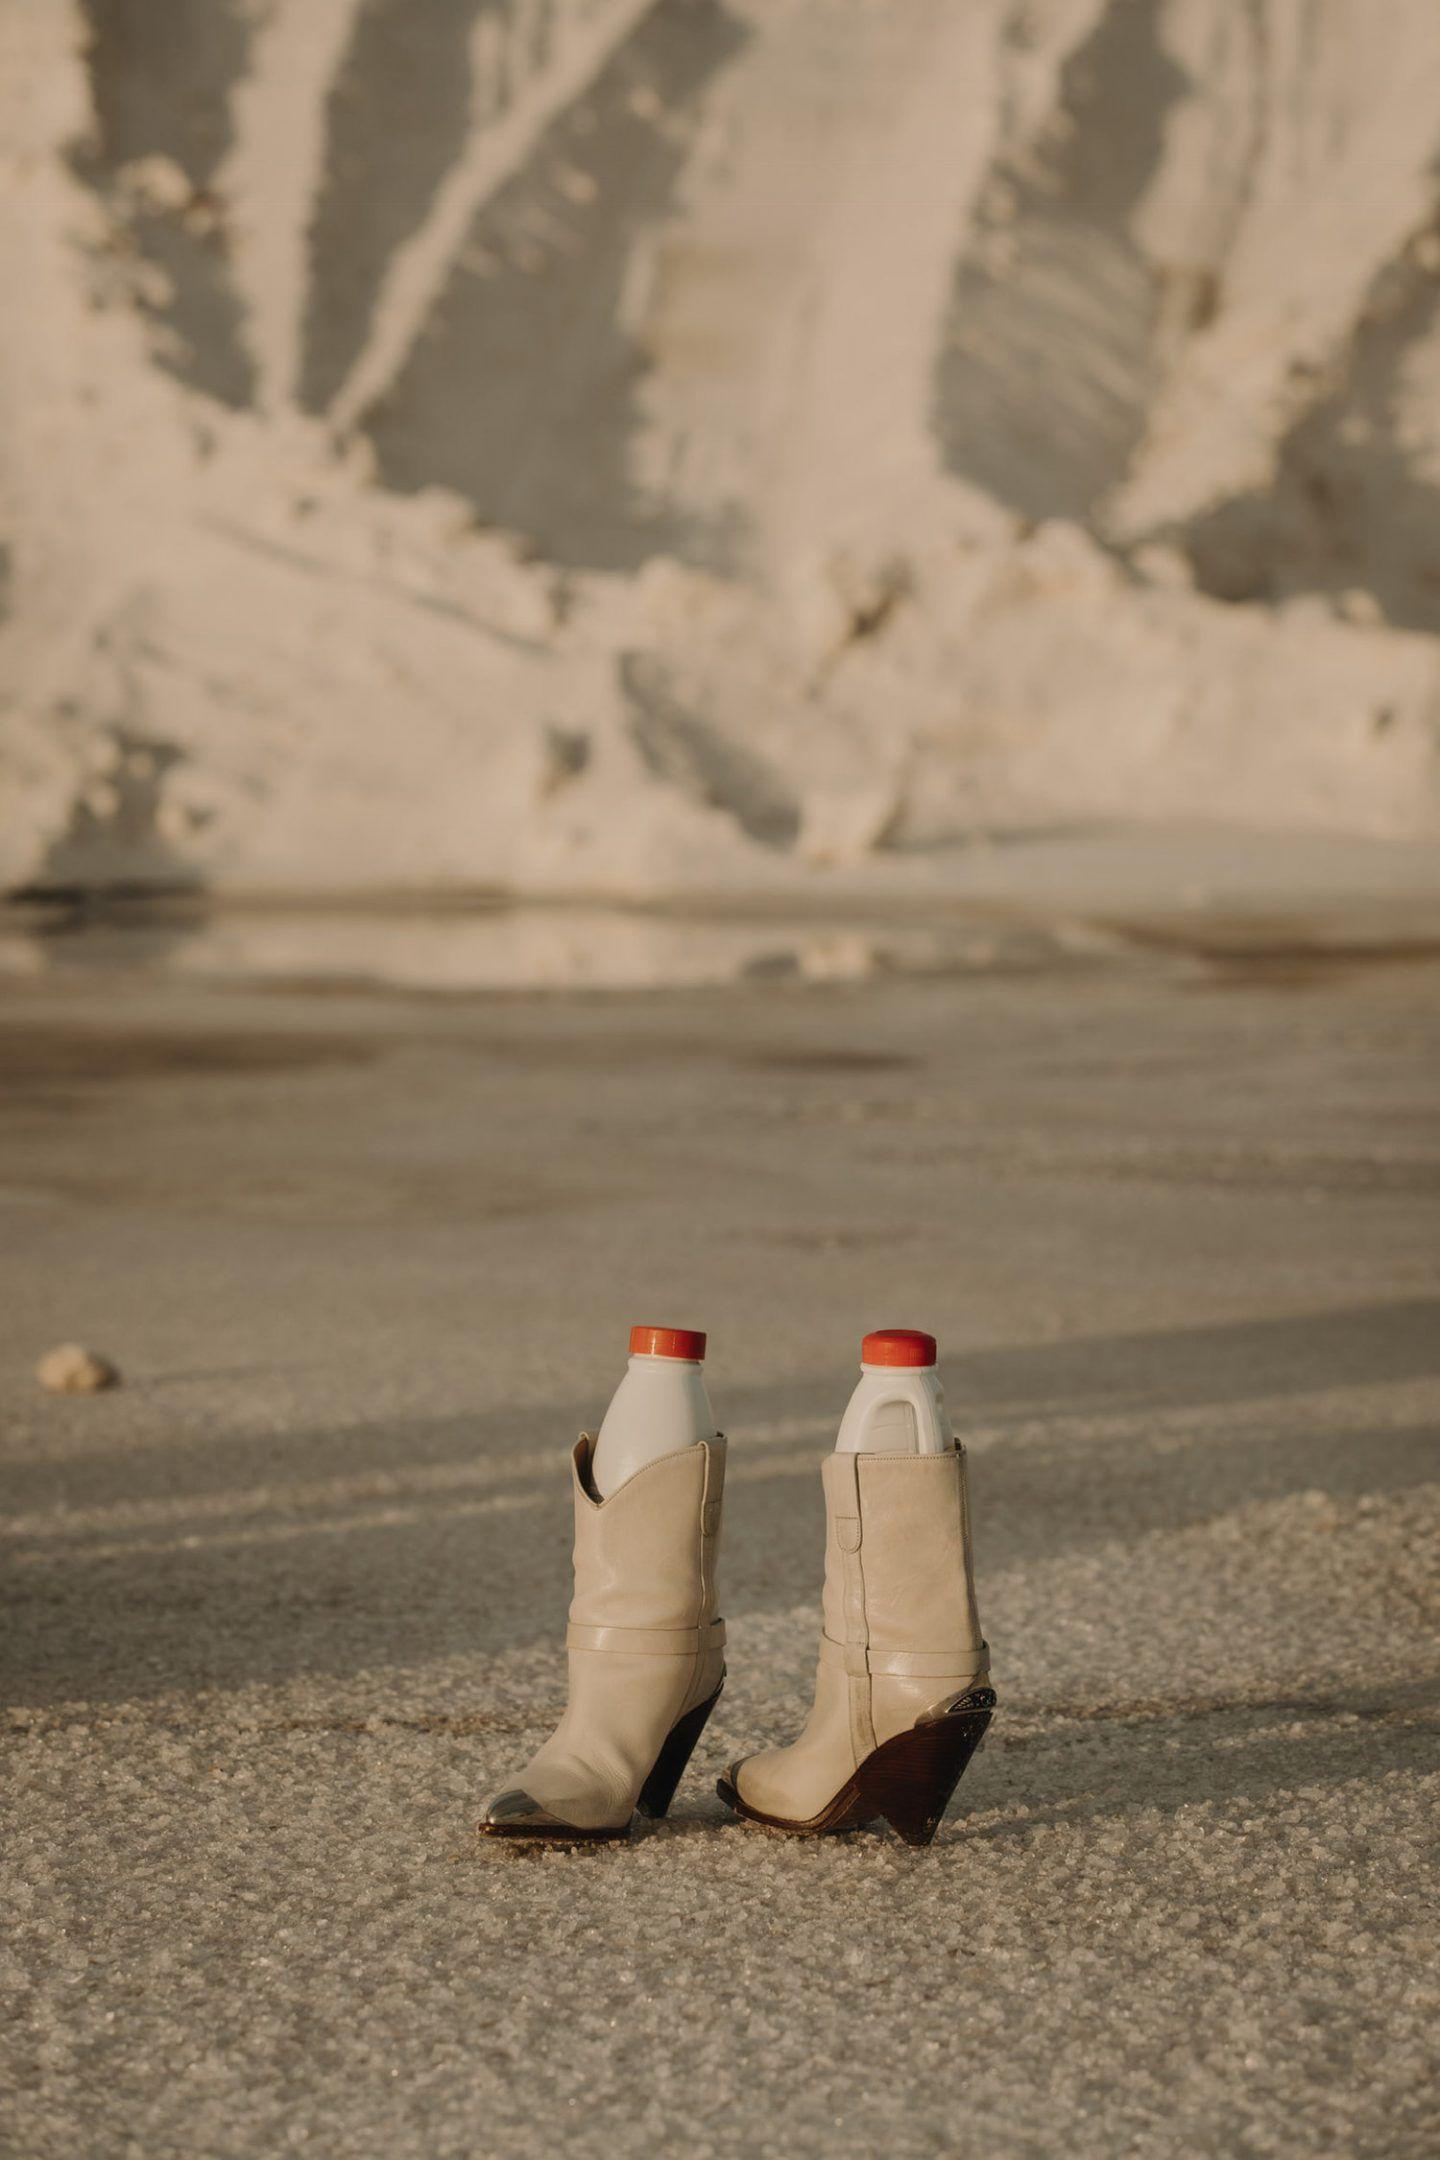 IGNANT-Photography-Charlotte-Lapalus-26